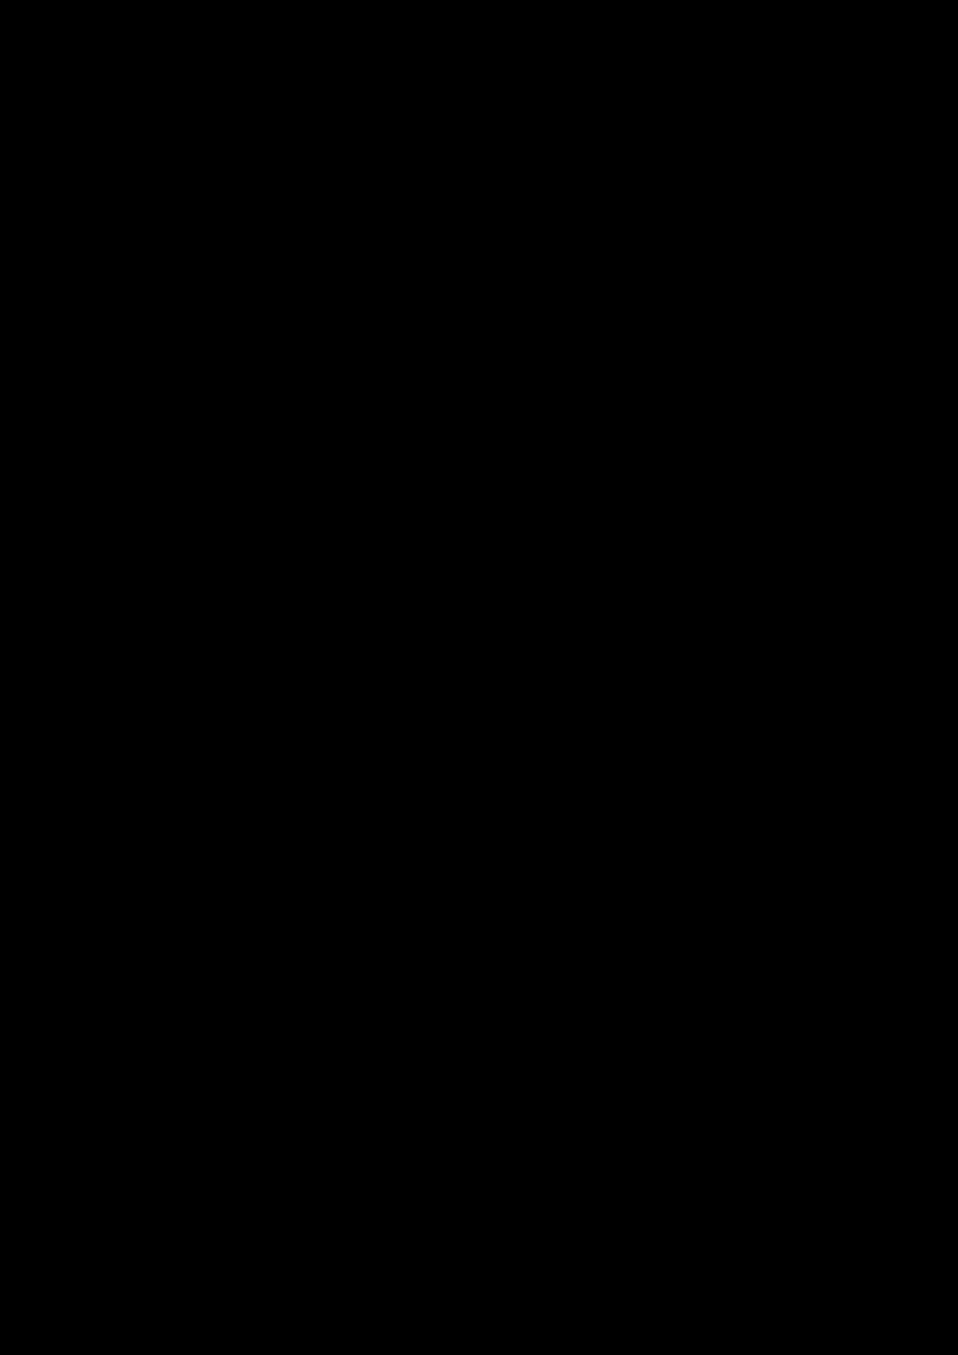 Public domain clip art. Gecko clipart lizzard